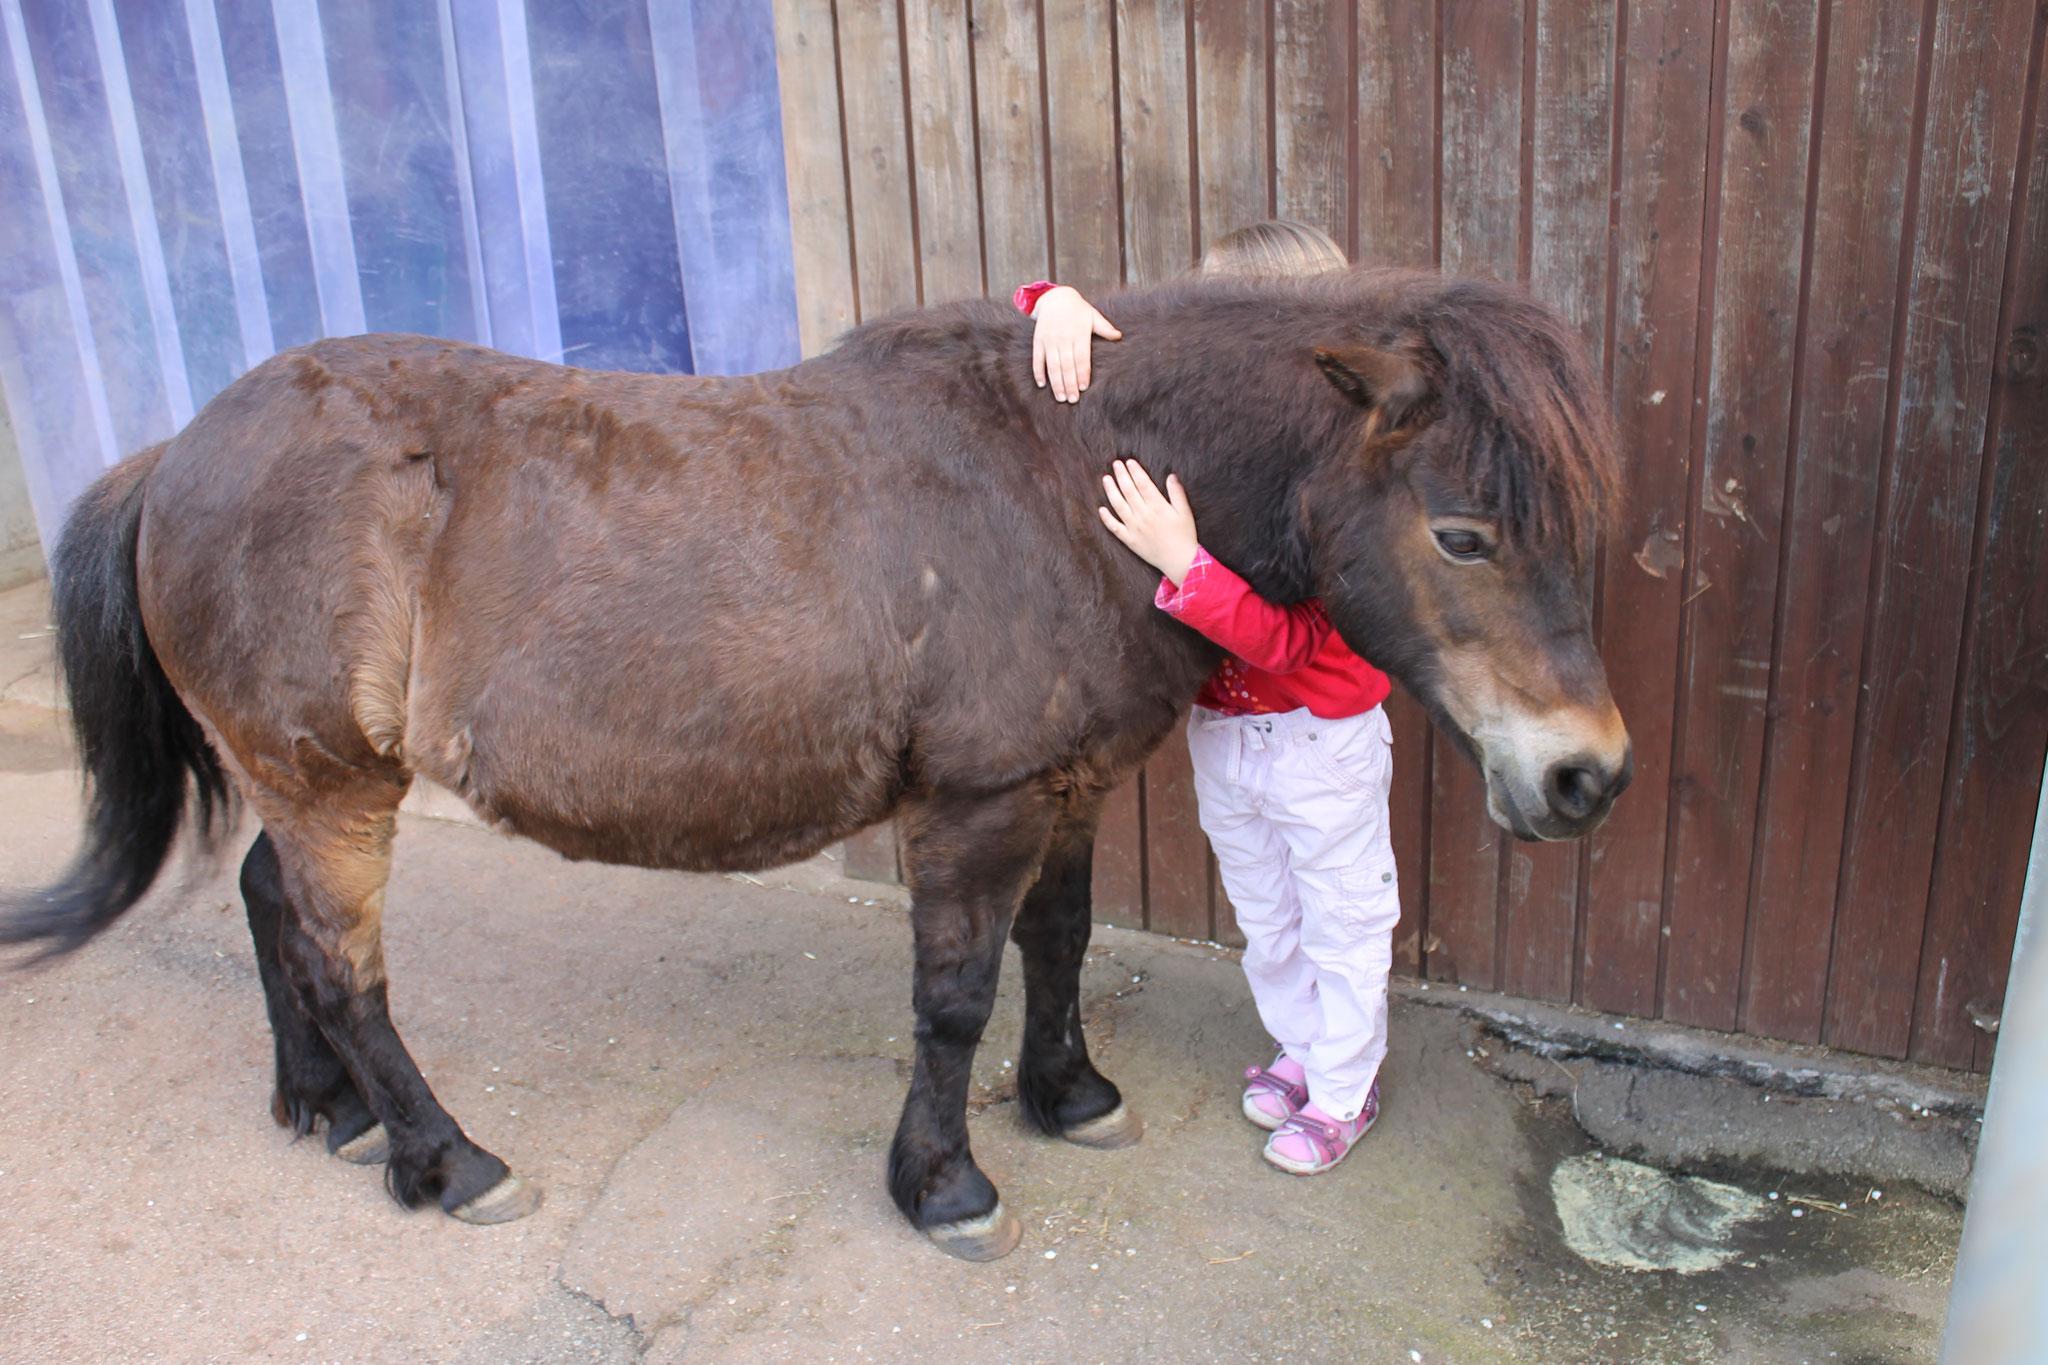 So sieht Liebe aus - Pony-Pony und ein Ferienkind